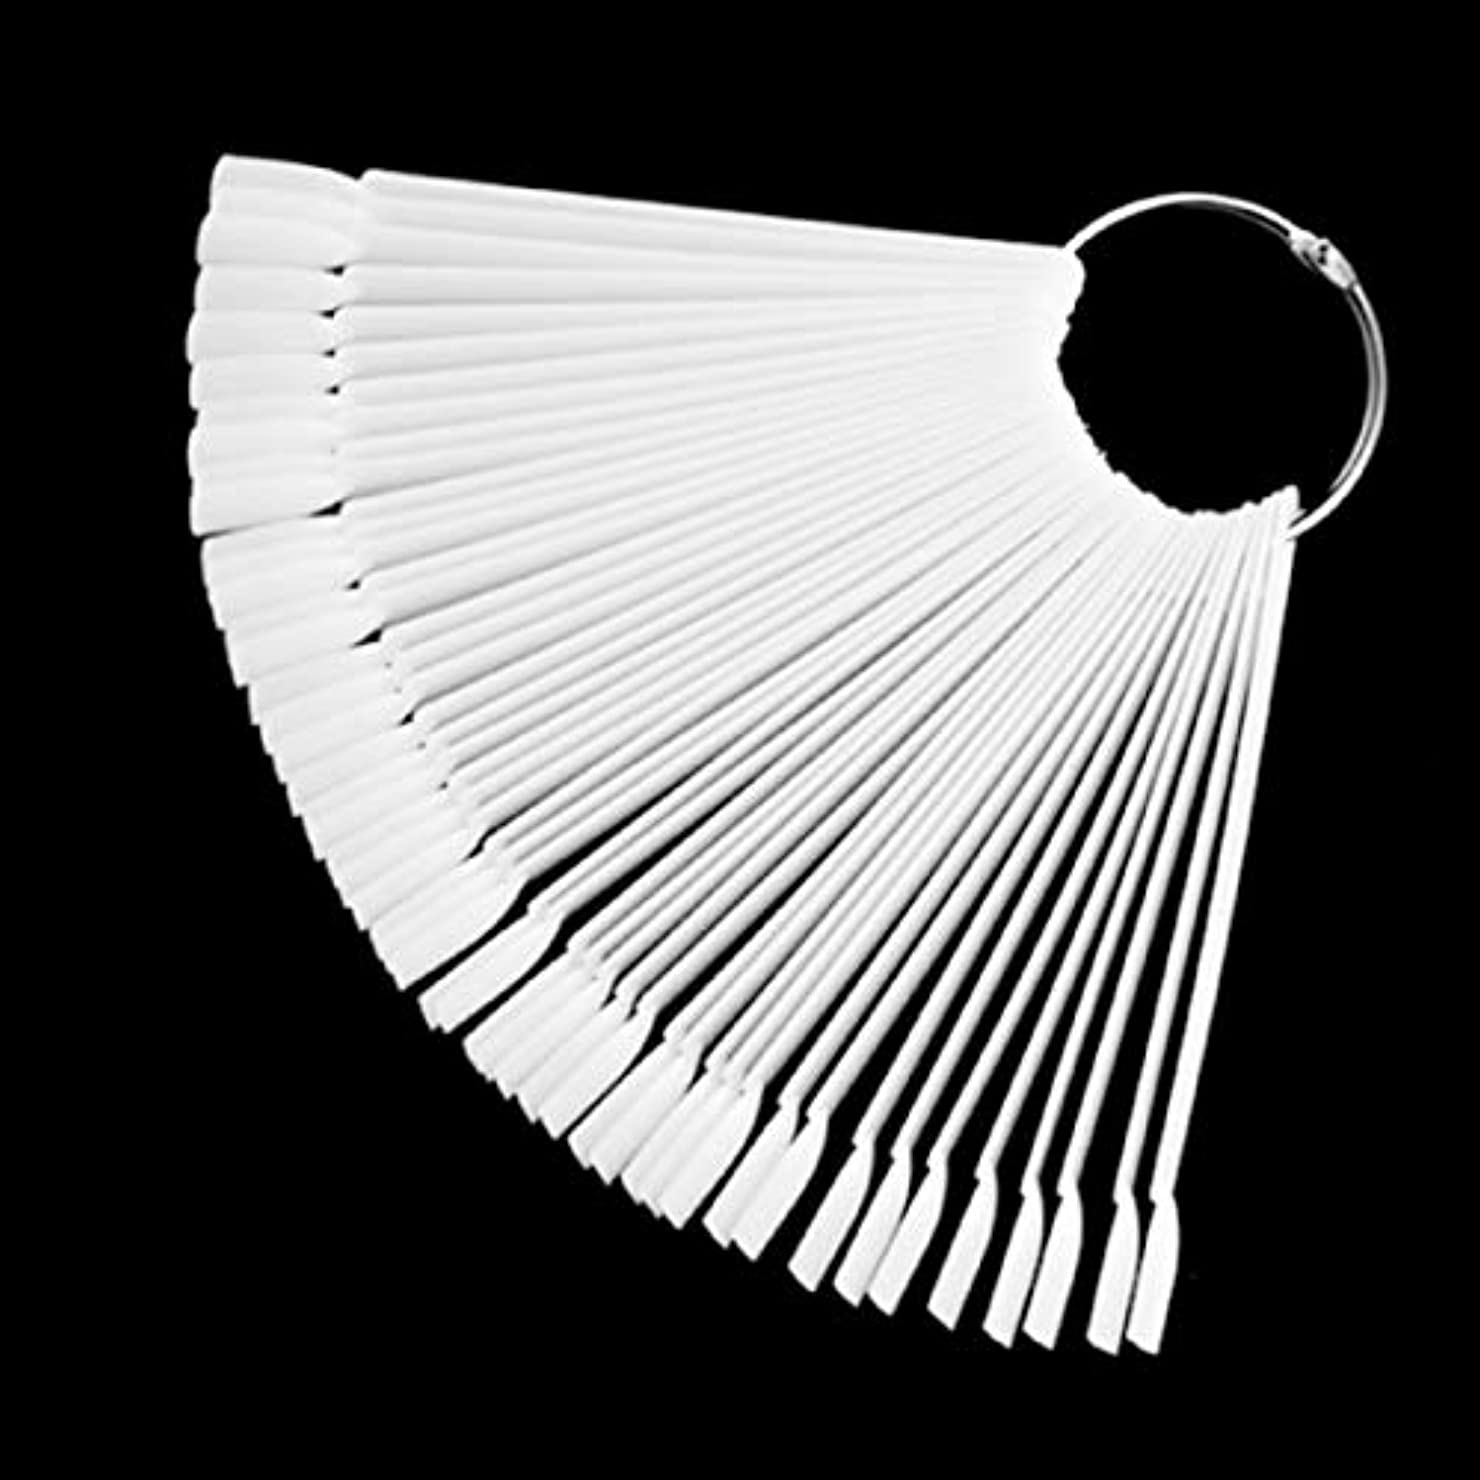 リズミカルな押し下げる診断する50 /セットネイルアートのヒントディスプレイ練習用スタイル扇形のネイルポリッシュ見本のネイルカラーサンプラーネイルアートの練習ツール